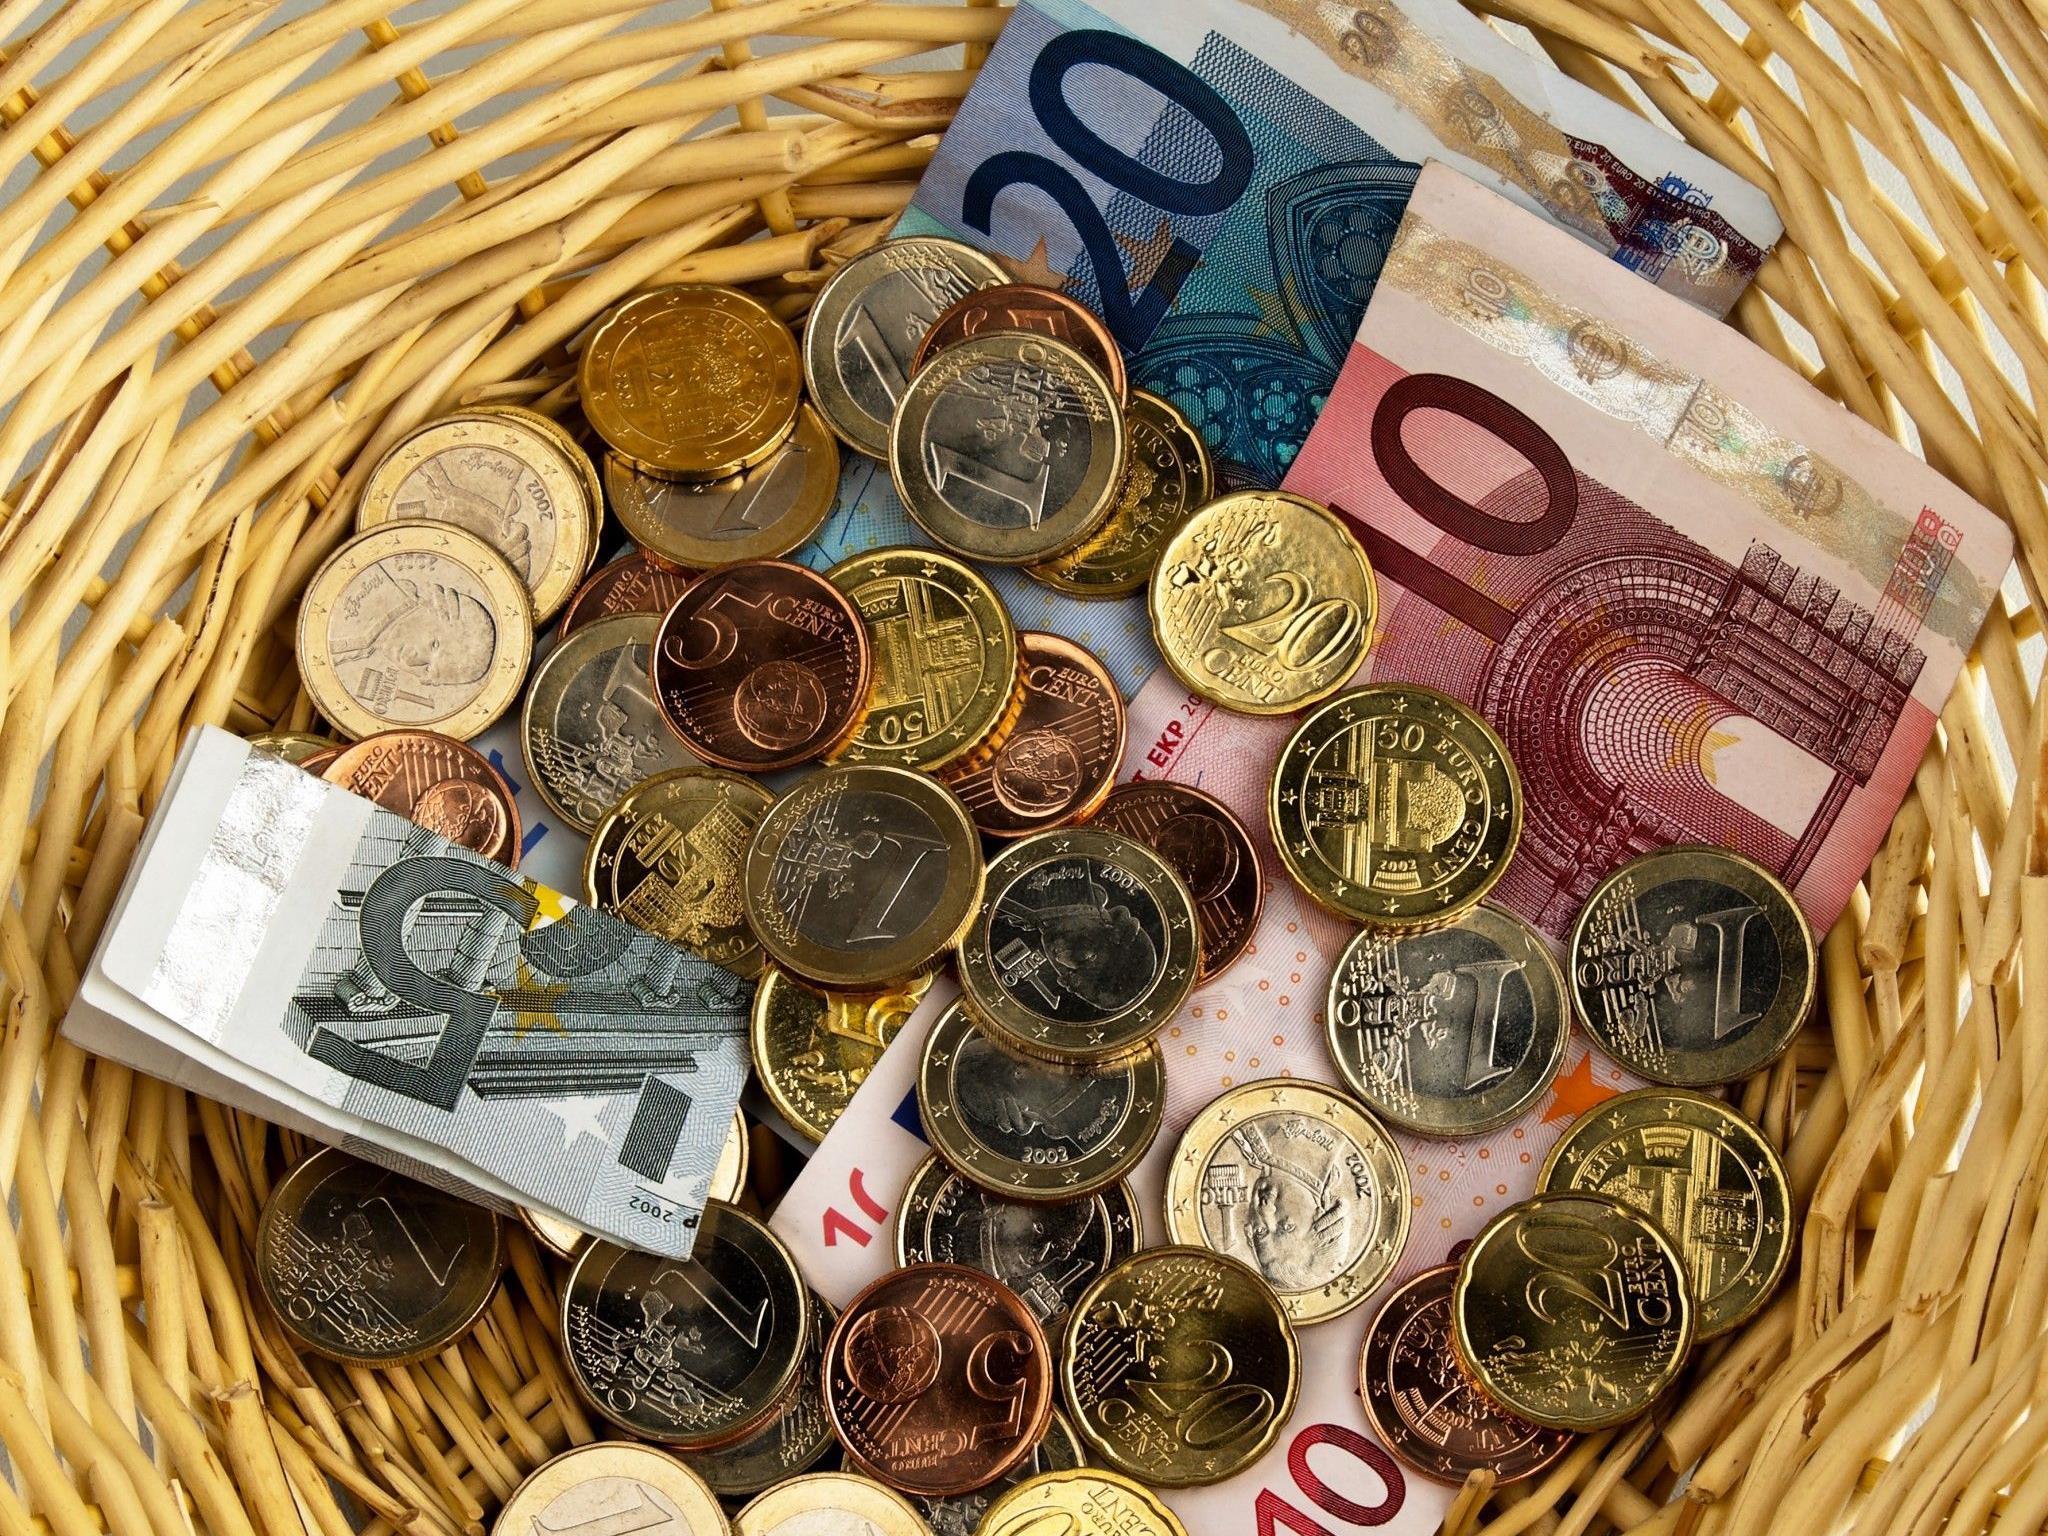 Rund 100 Euro konnten die Diebe aus dem Opferstock erbeuten.